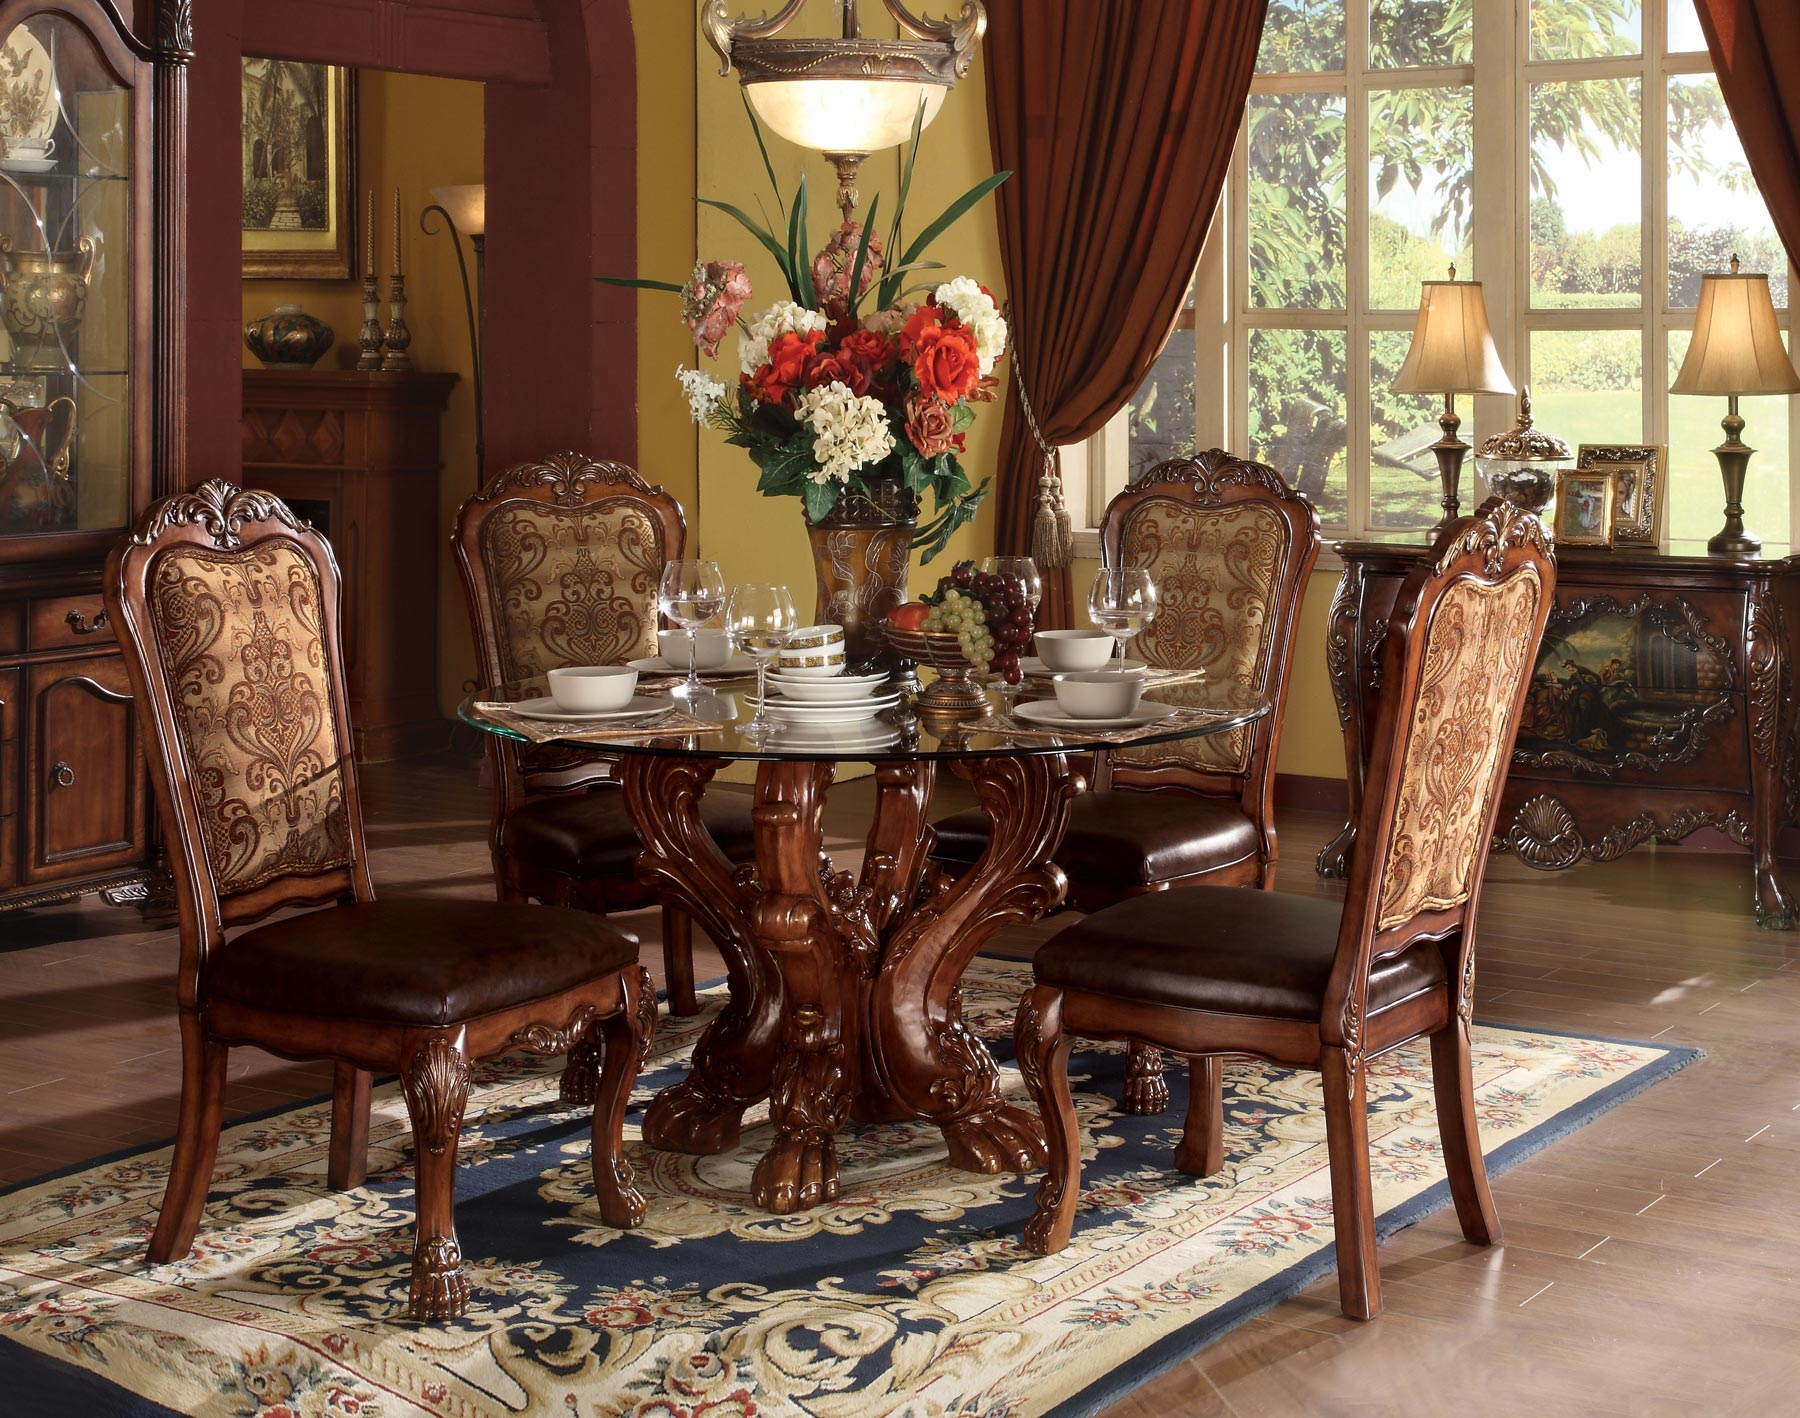 Dresden Round 5 Piece Dining Room Set Gonzalez Furniture